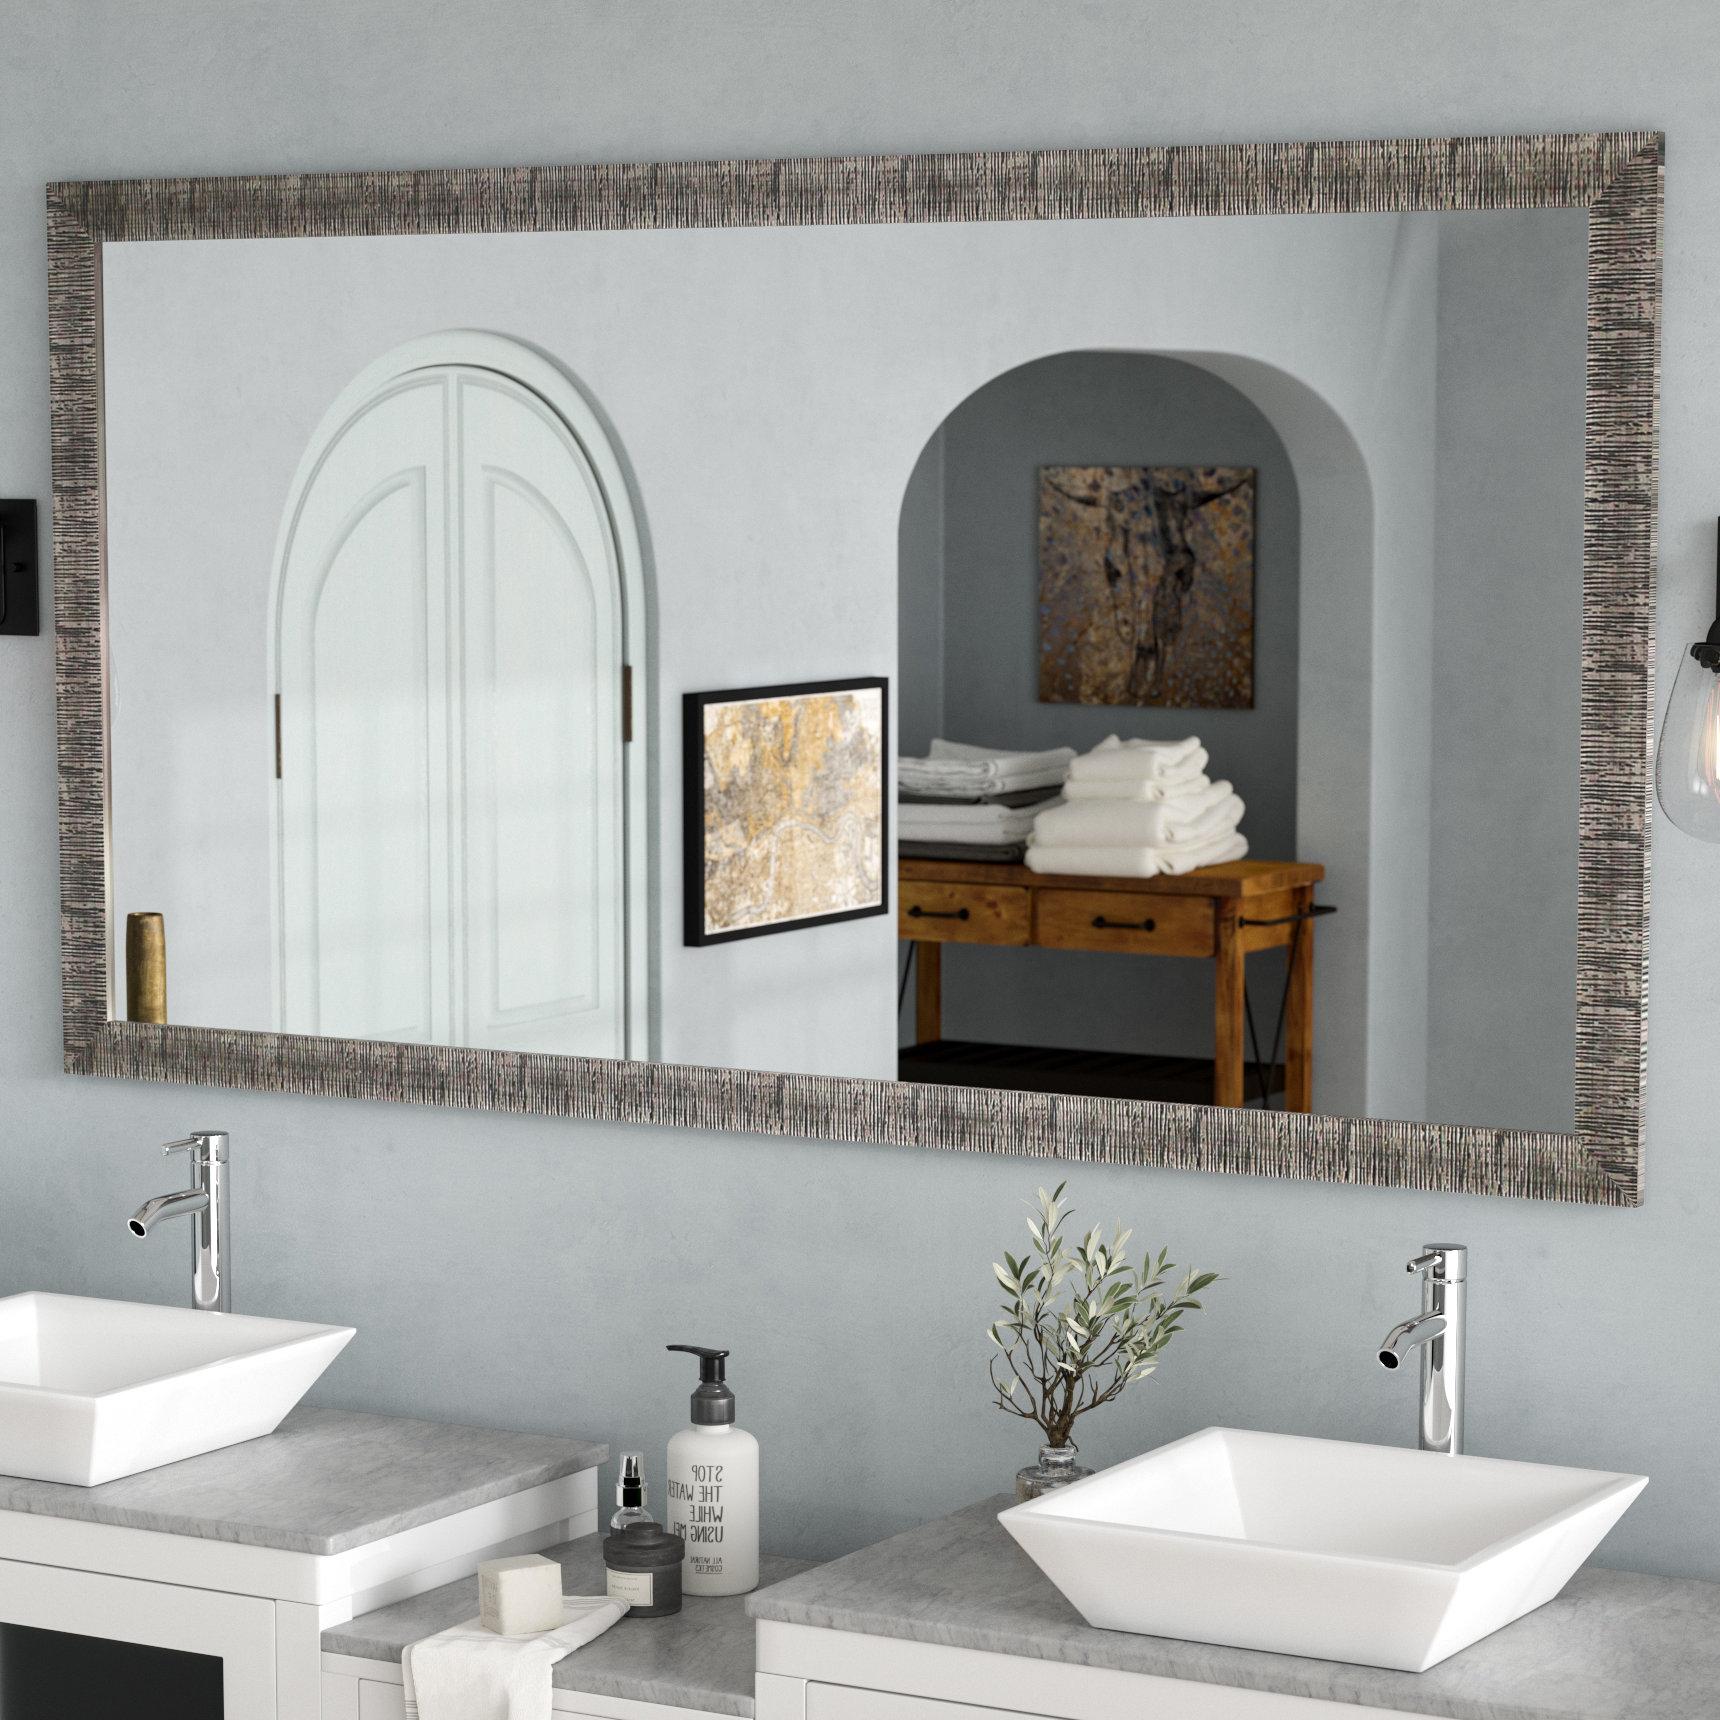 Trendy Landover Rustic Distressed Bathroom/vanity Mirrors Throughout Eisen Bathroom/vanity Mirror (View 18 of 20)